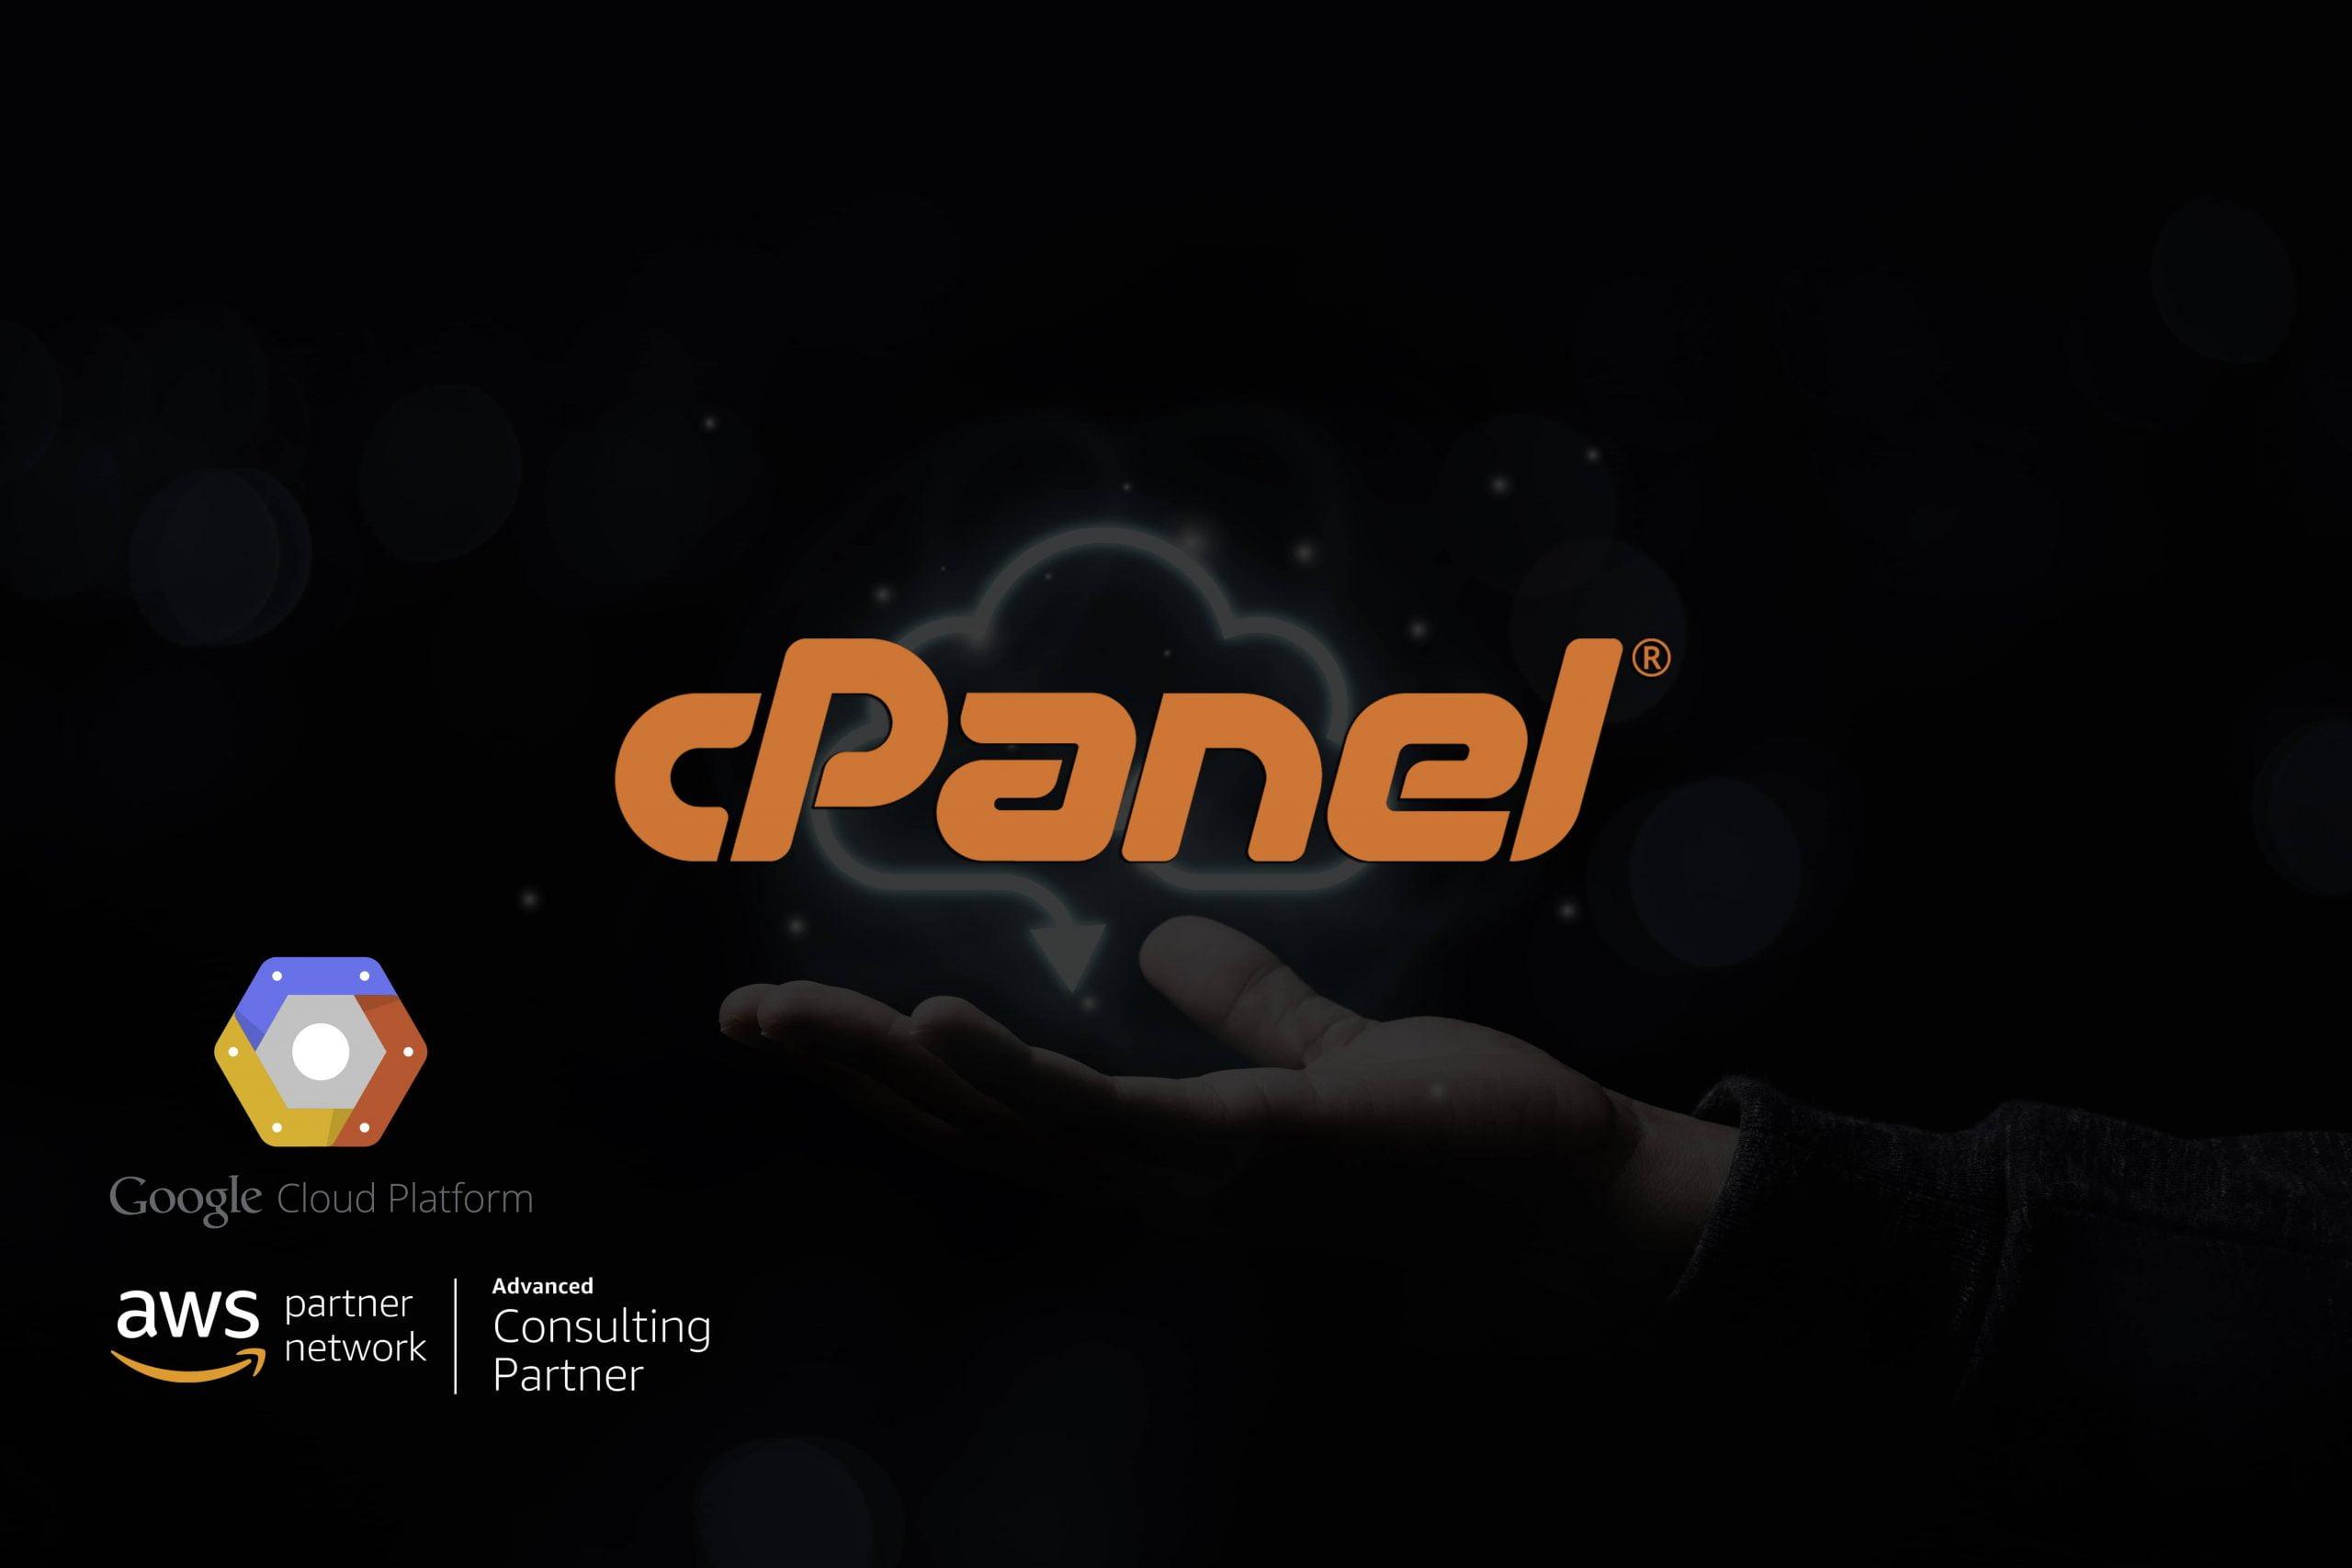 cpanel-nuvem-aws-google-cloud-hospedagem-sites-alexfreelancer